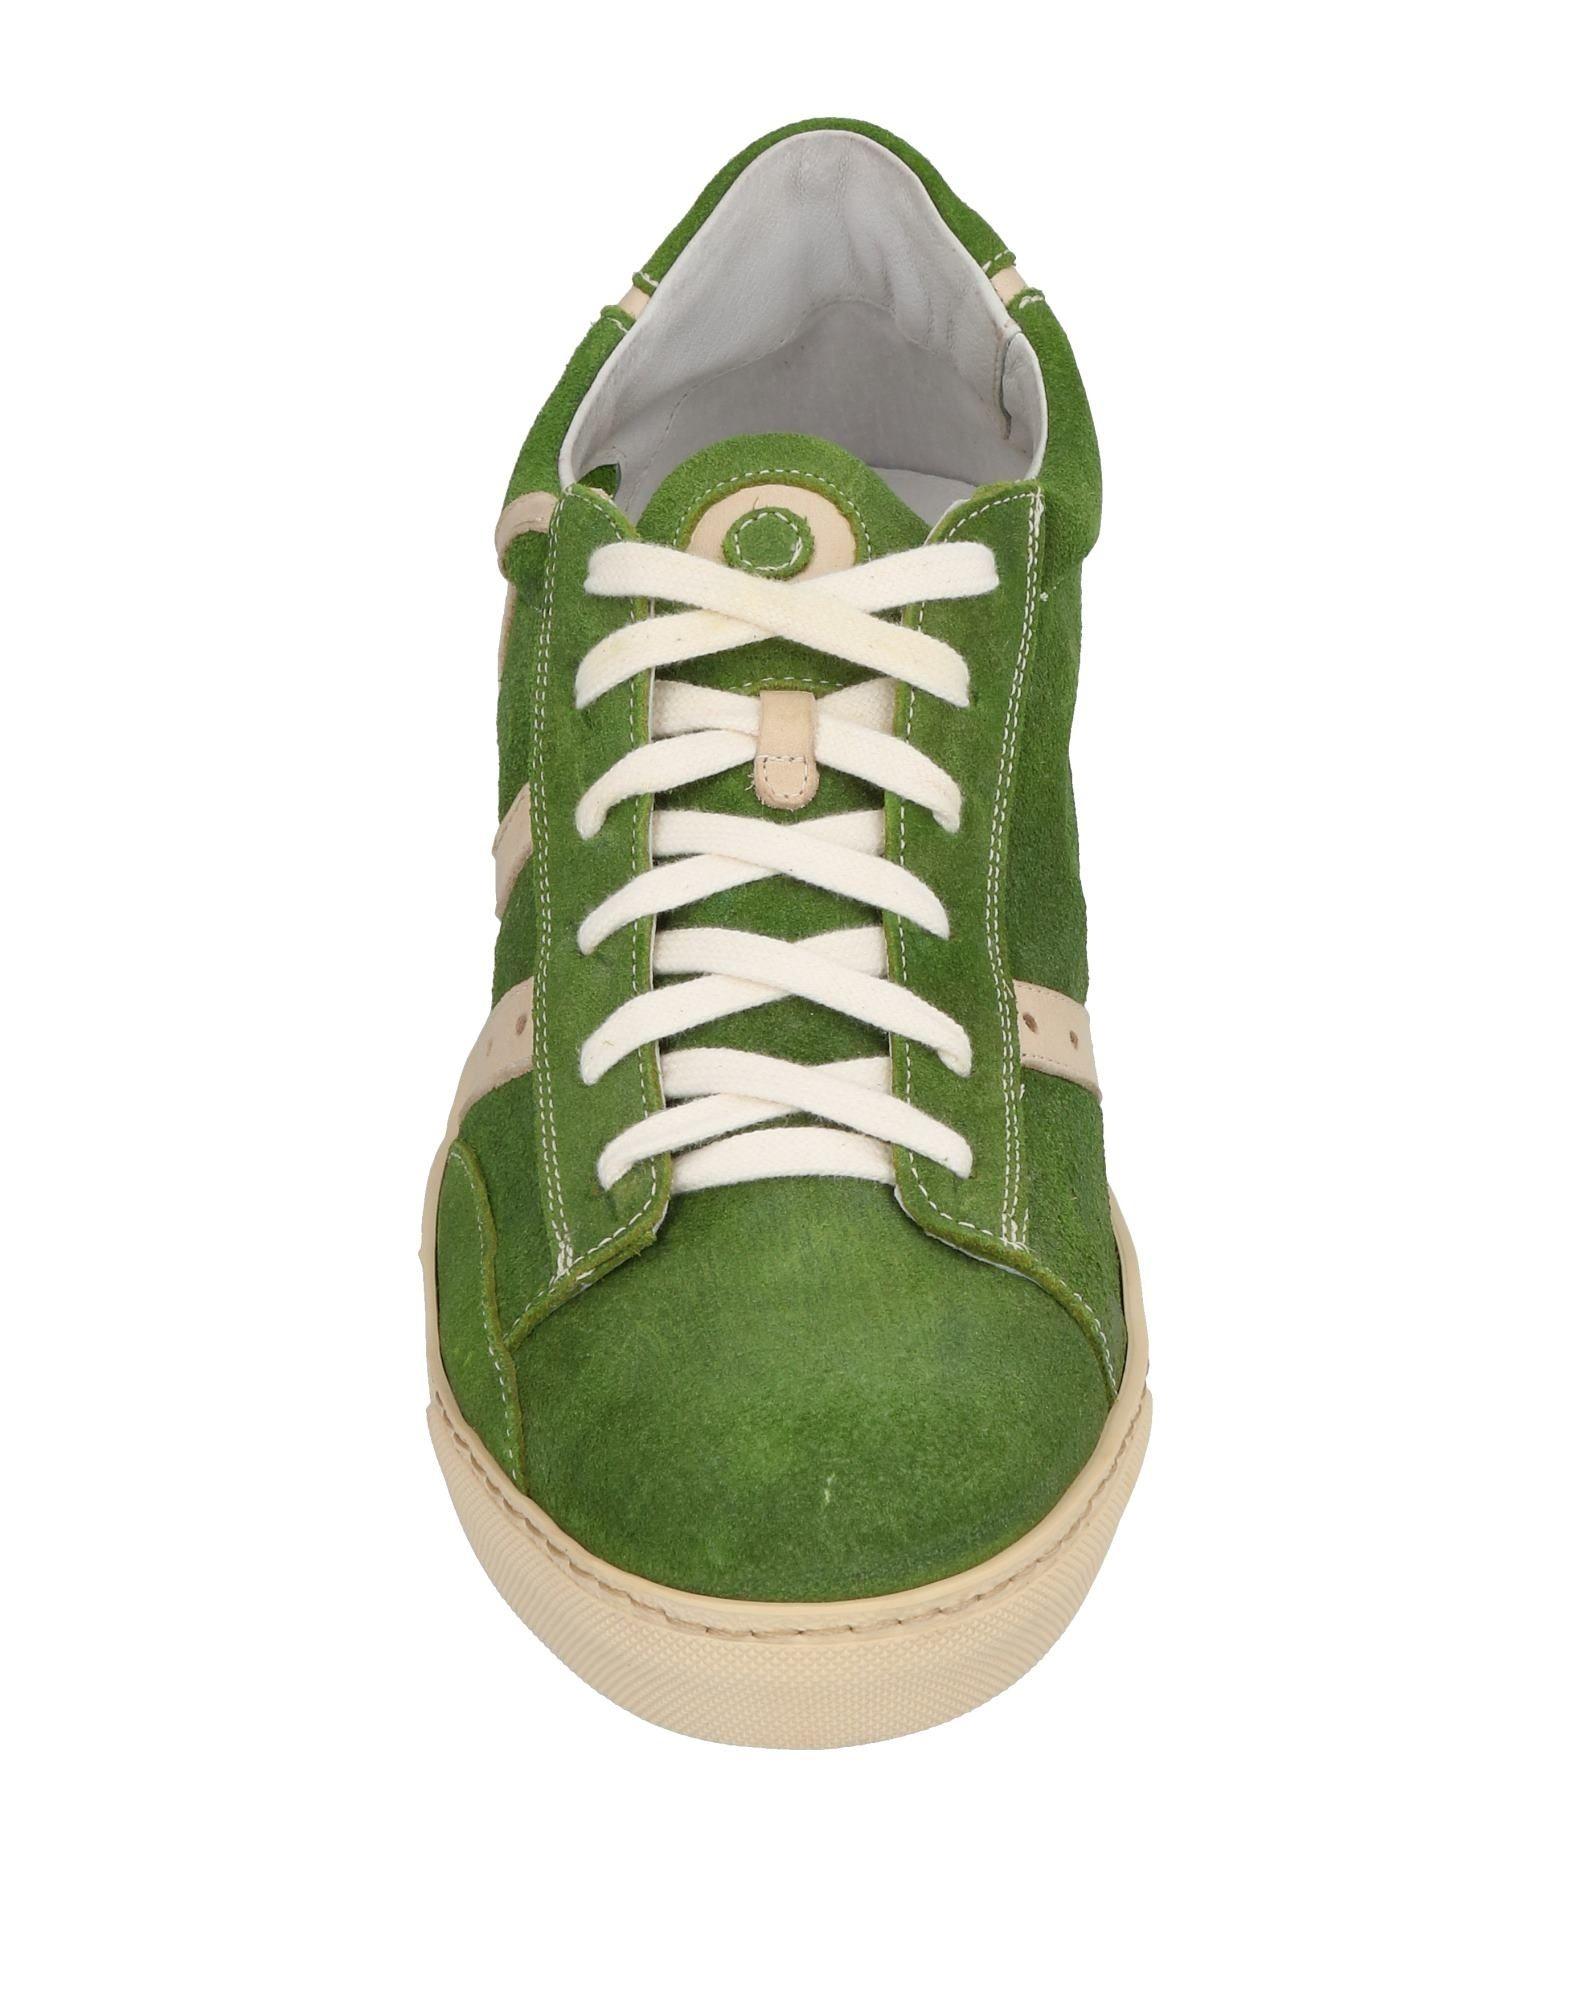 Playhat Sneakers Herren  11366592FL Schuhe Heiße Schuhe 11366592FL d768df